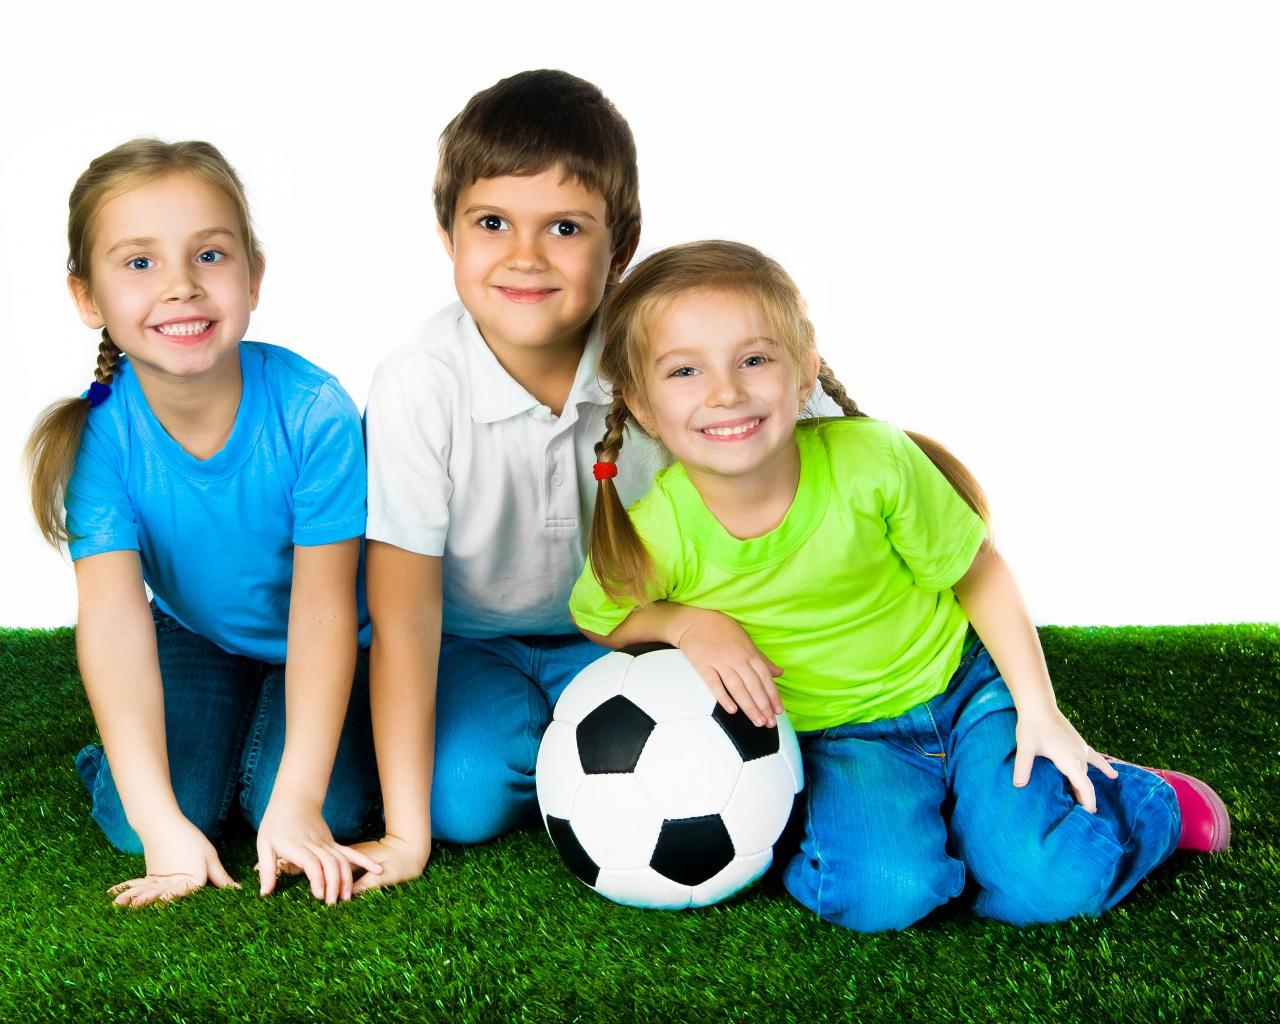 運動神経の高い子供に育てるための秘訣